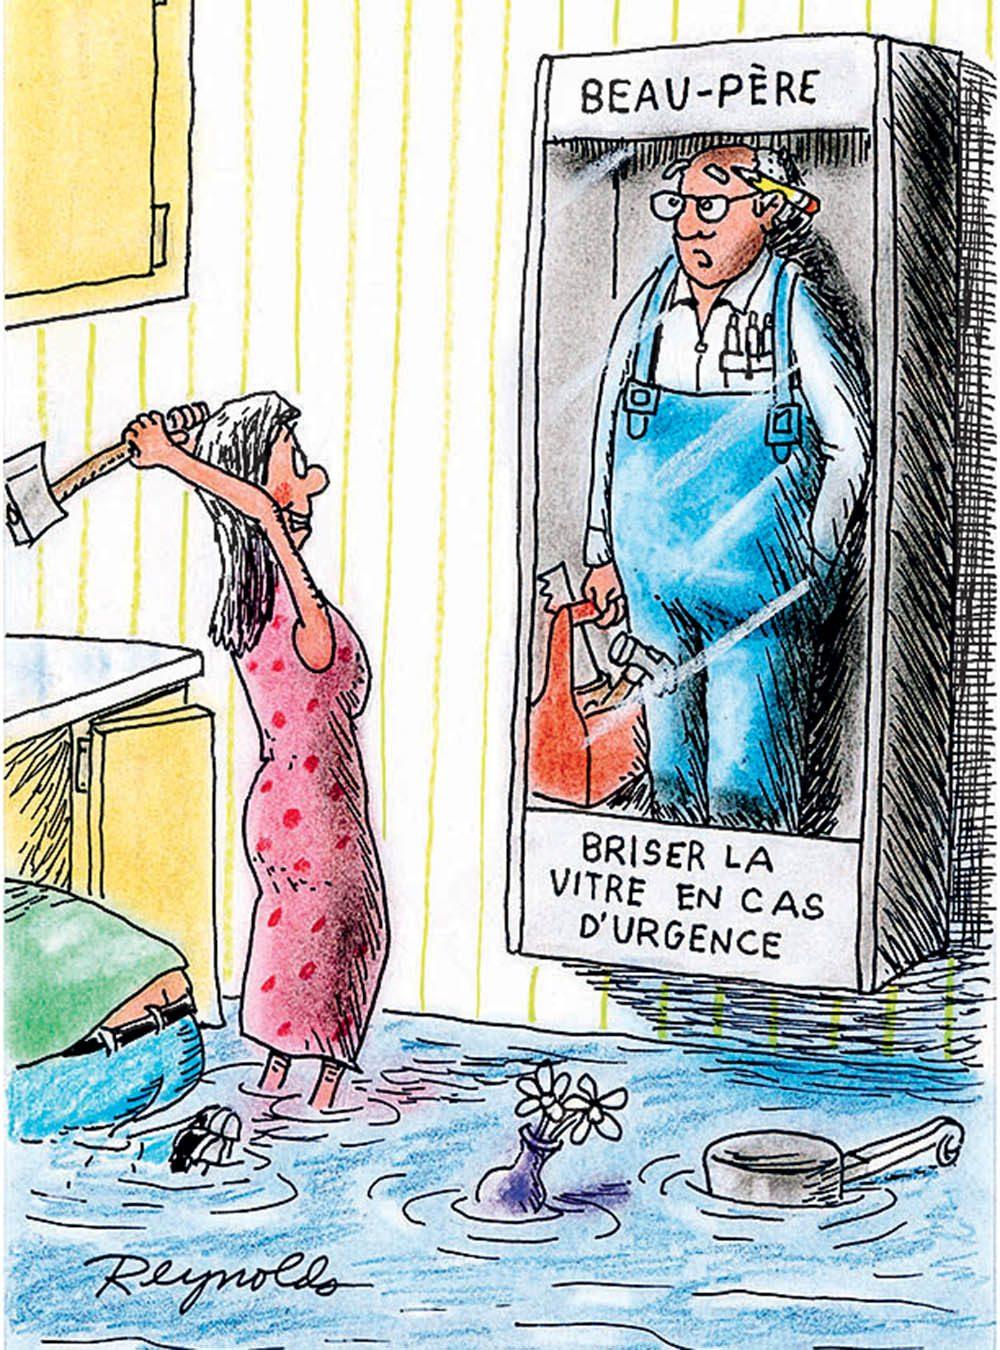 Blague : caricature de l'aide des beaux-pères.